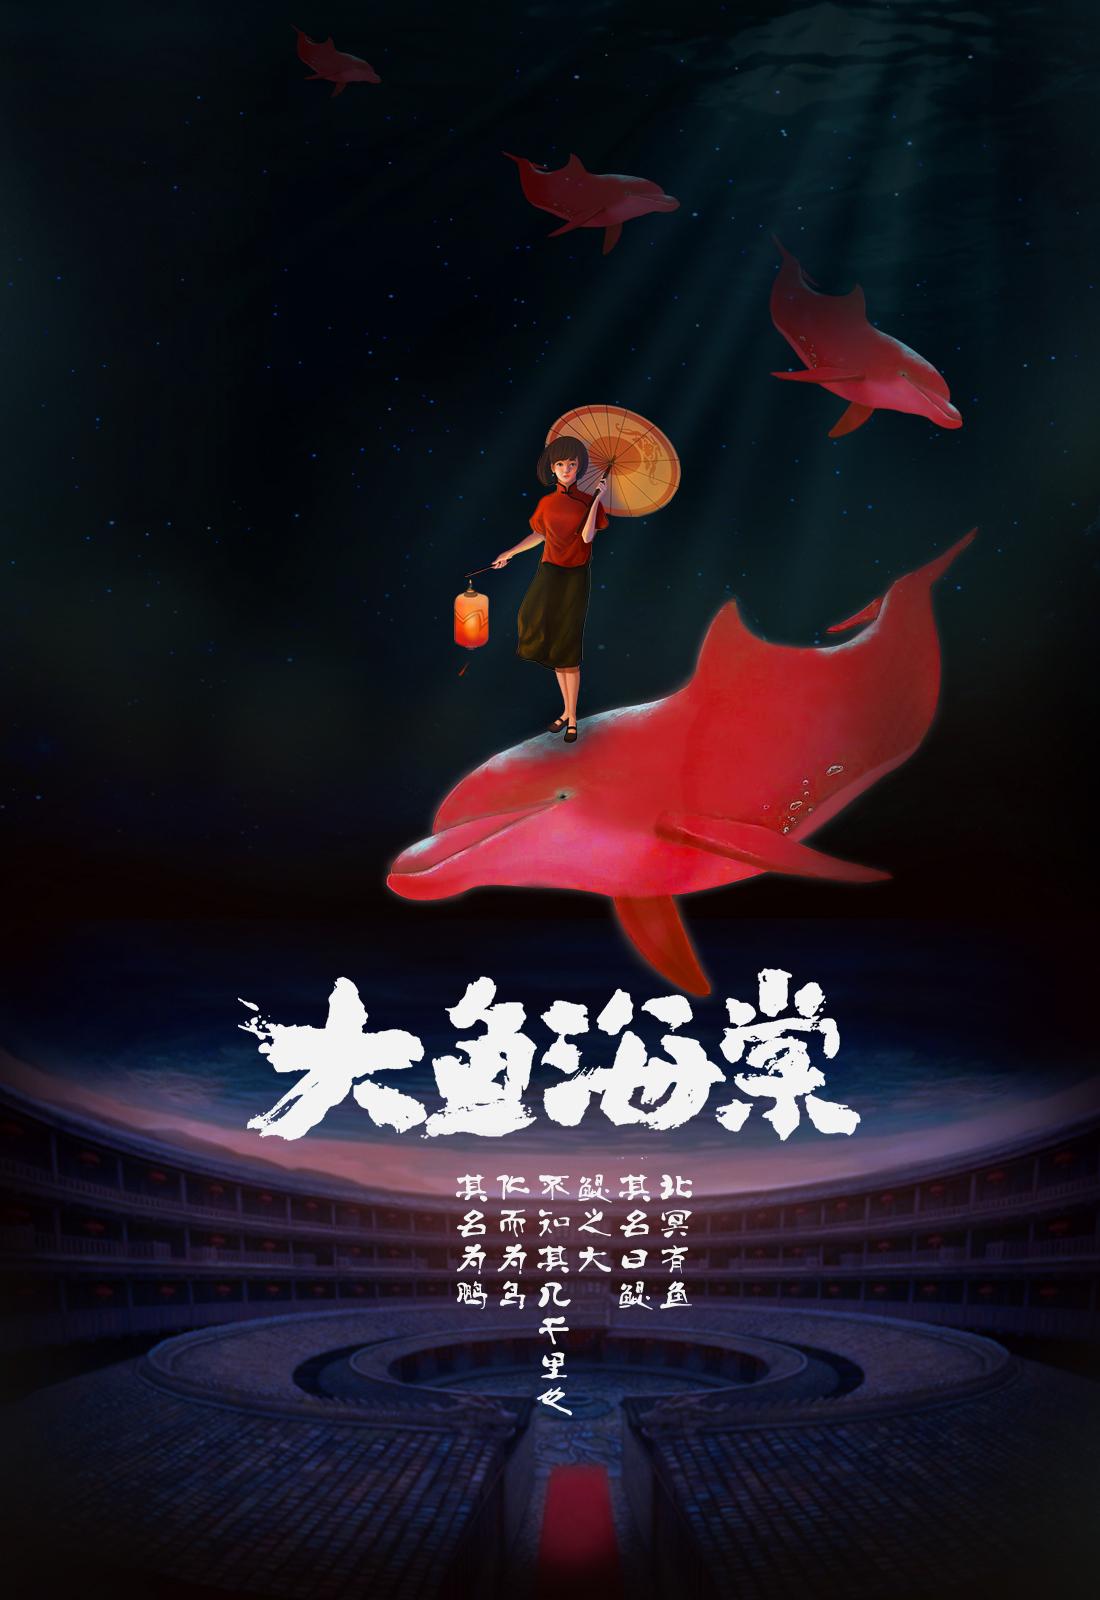 大鱼钢琴古筝合奏曲谱